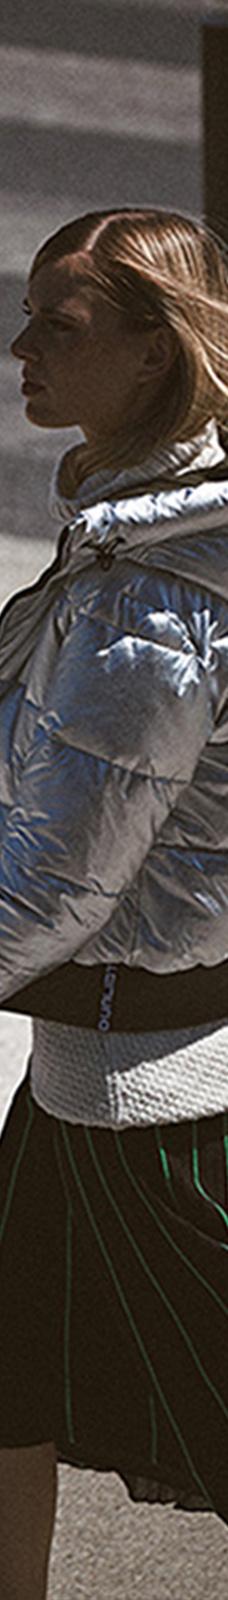 Sélection de doudounes et de parkas femme de la marque Dualist